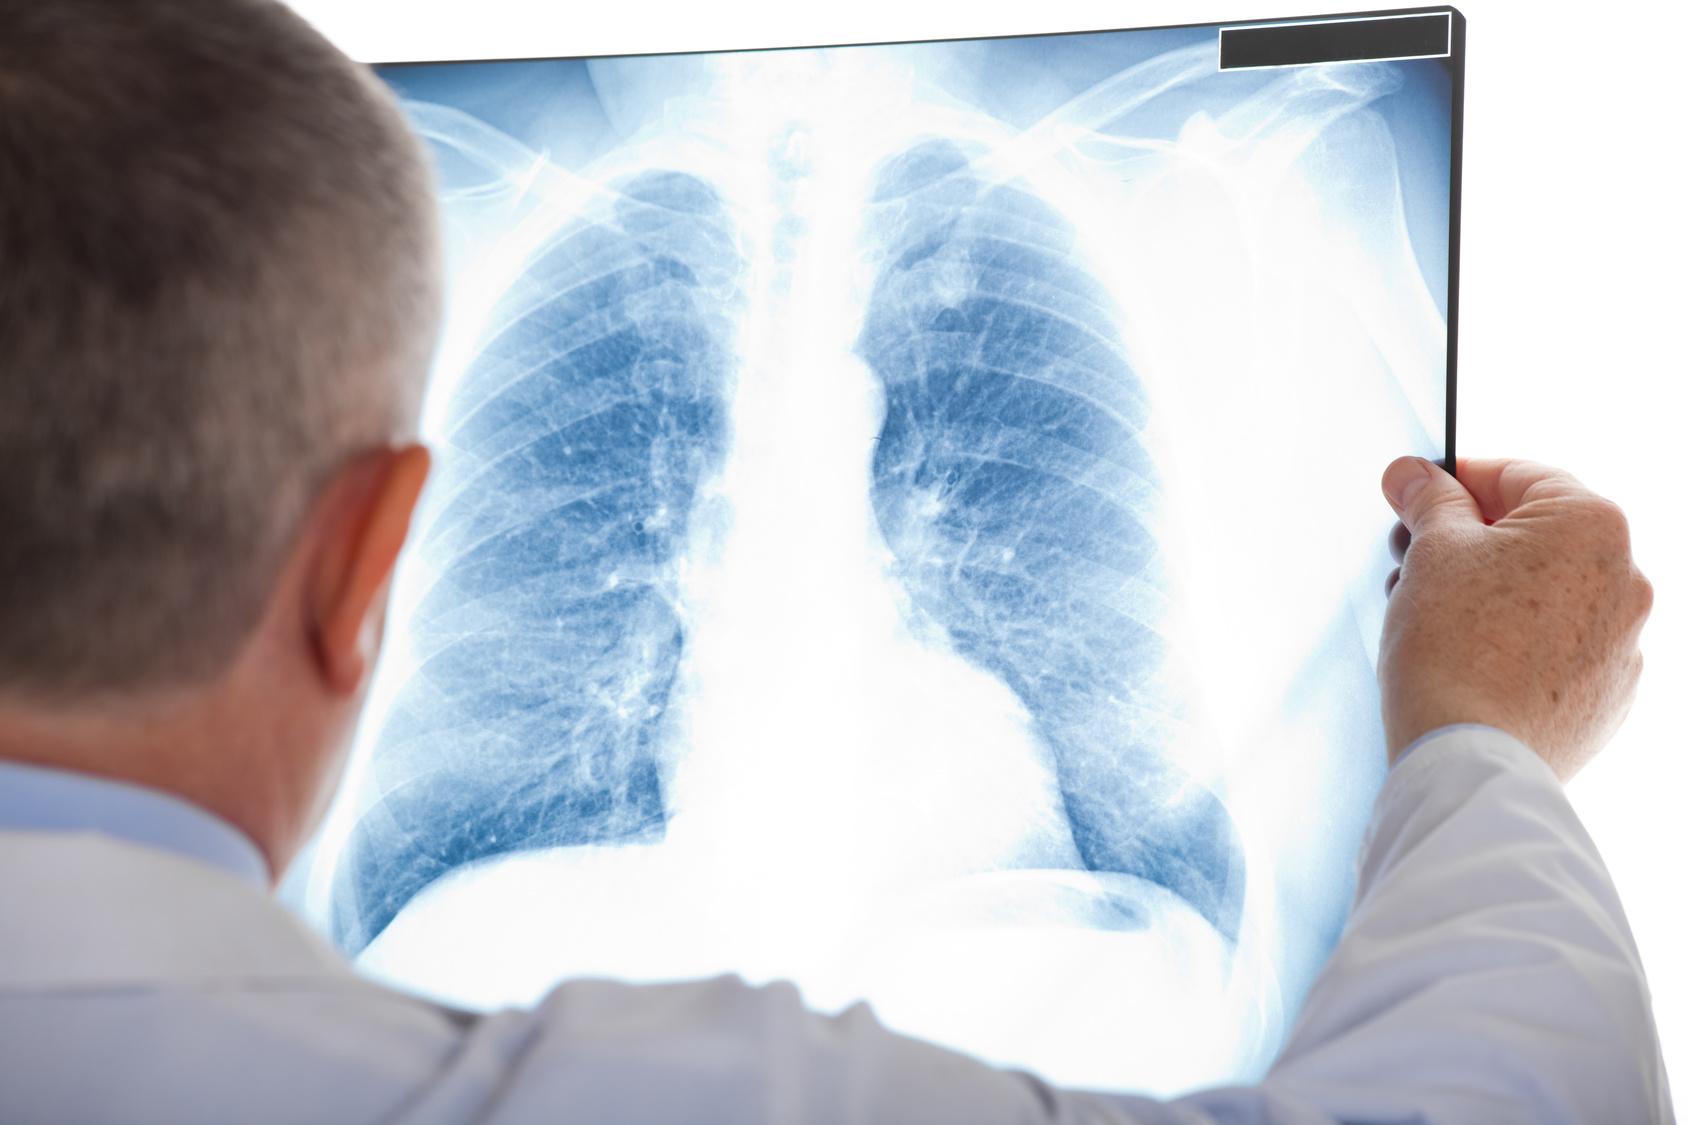 肺が徐々に硬くなってしまう病気、間質性肺炎は普通の肺炎と何が違うの?